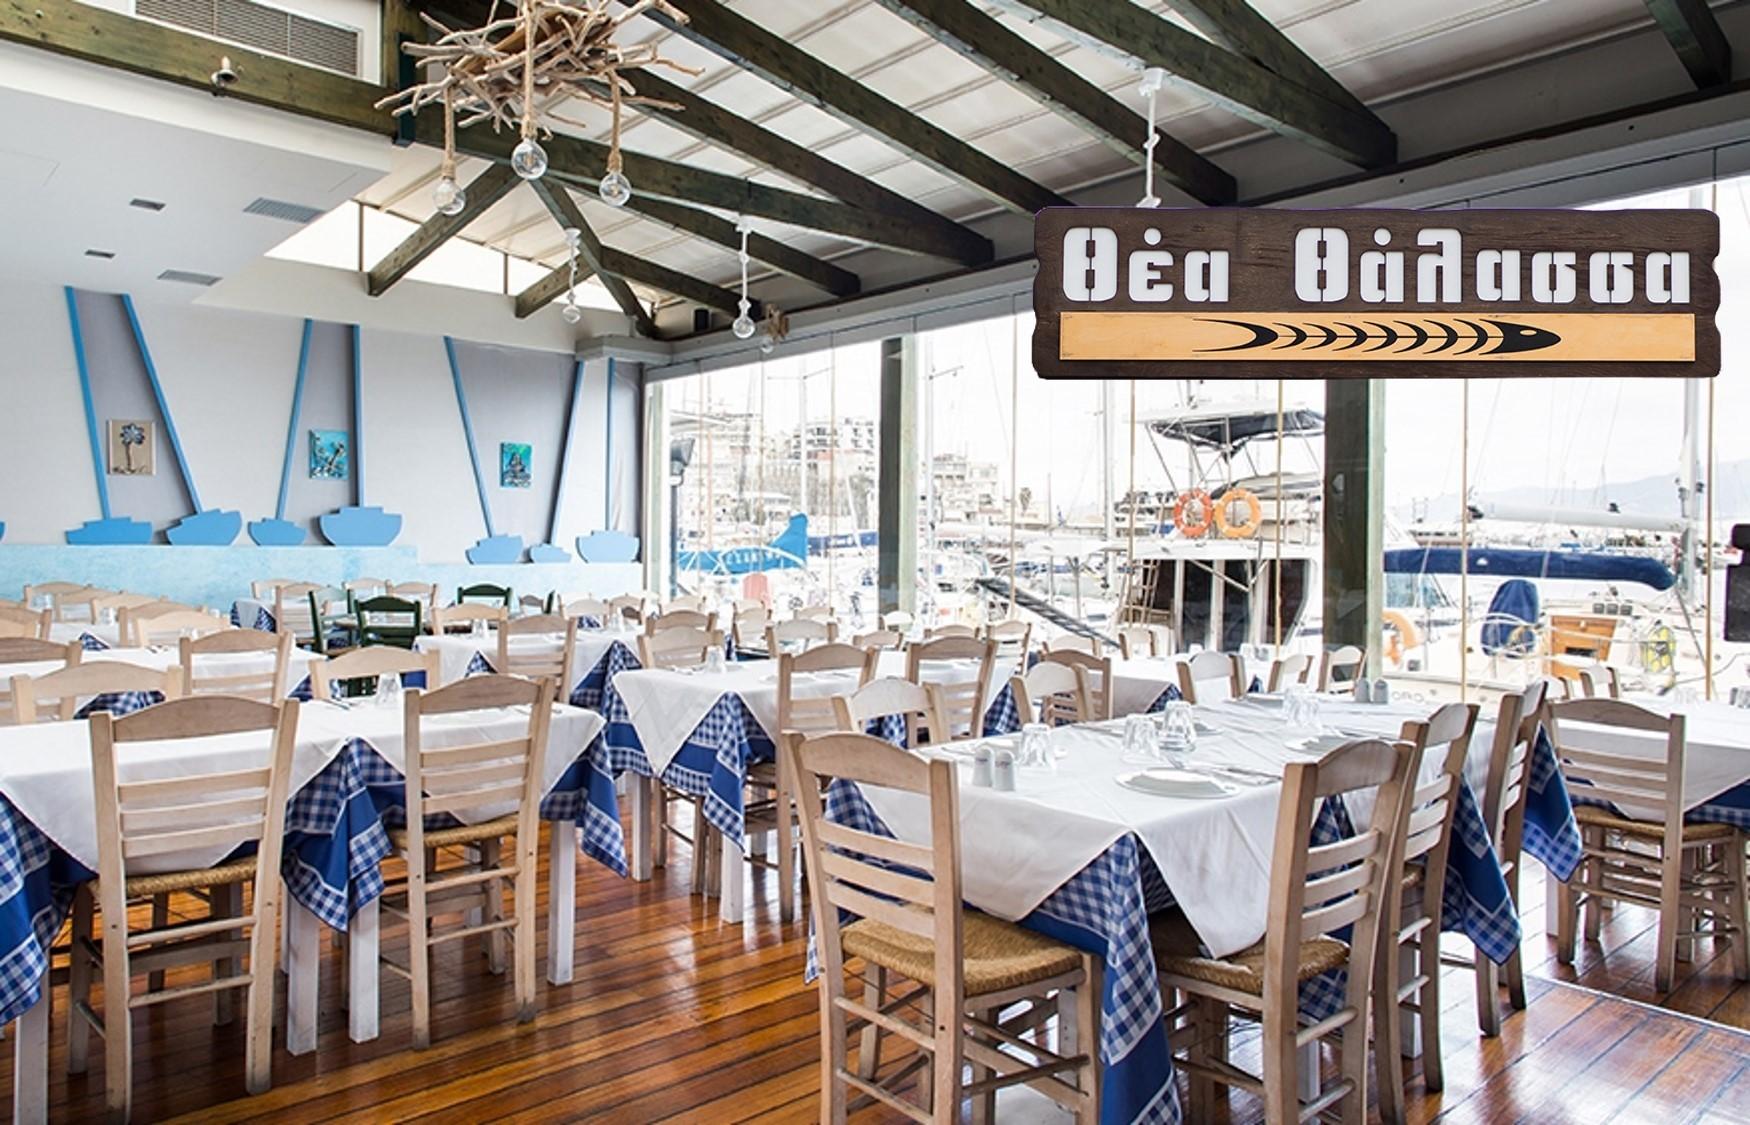 ΓΙΑ ΛΙΓΕΣ ΑΚΟΜΑ ΜΕΡΕΣ: 19,9€ από 55€ για πλήρες menu 2 ατόμων στο ''Θέα Θάλασσα'', την πασίγνωστη ψαροταβέρνα του Μικρολίμανου, σε ένα σκηνικό που θυμίζει νησί με μοναδική θέα προς το λιμανάκι και τα ιστιοπλοϊκά